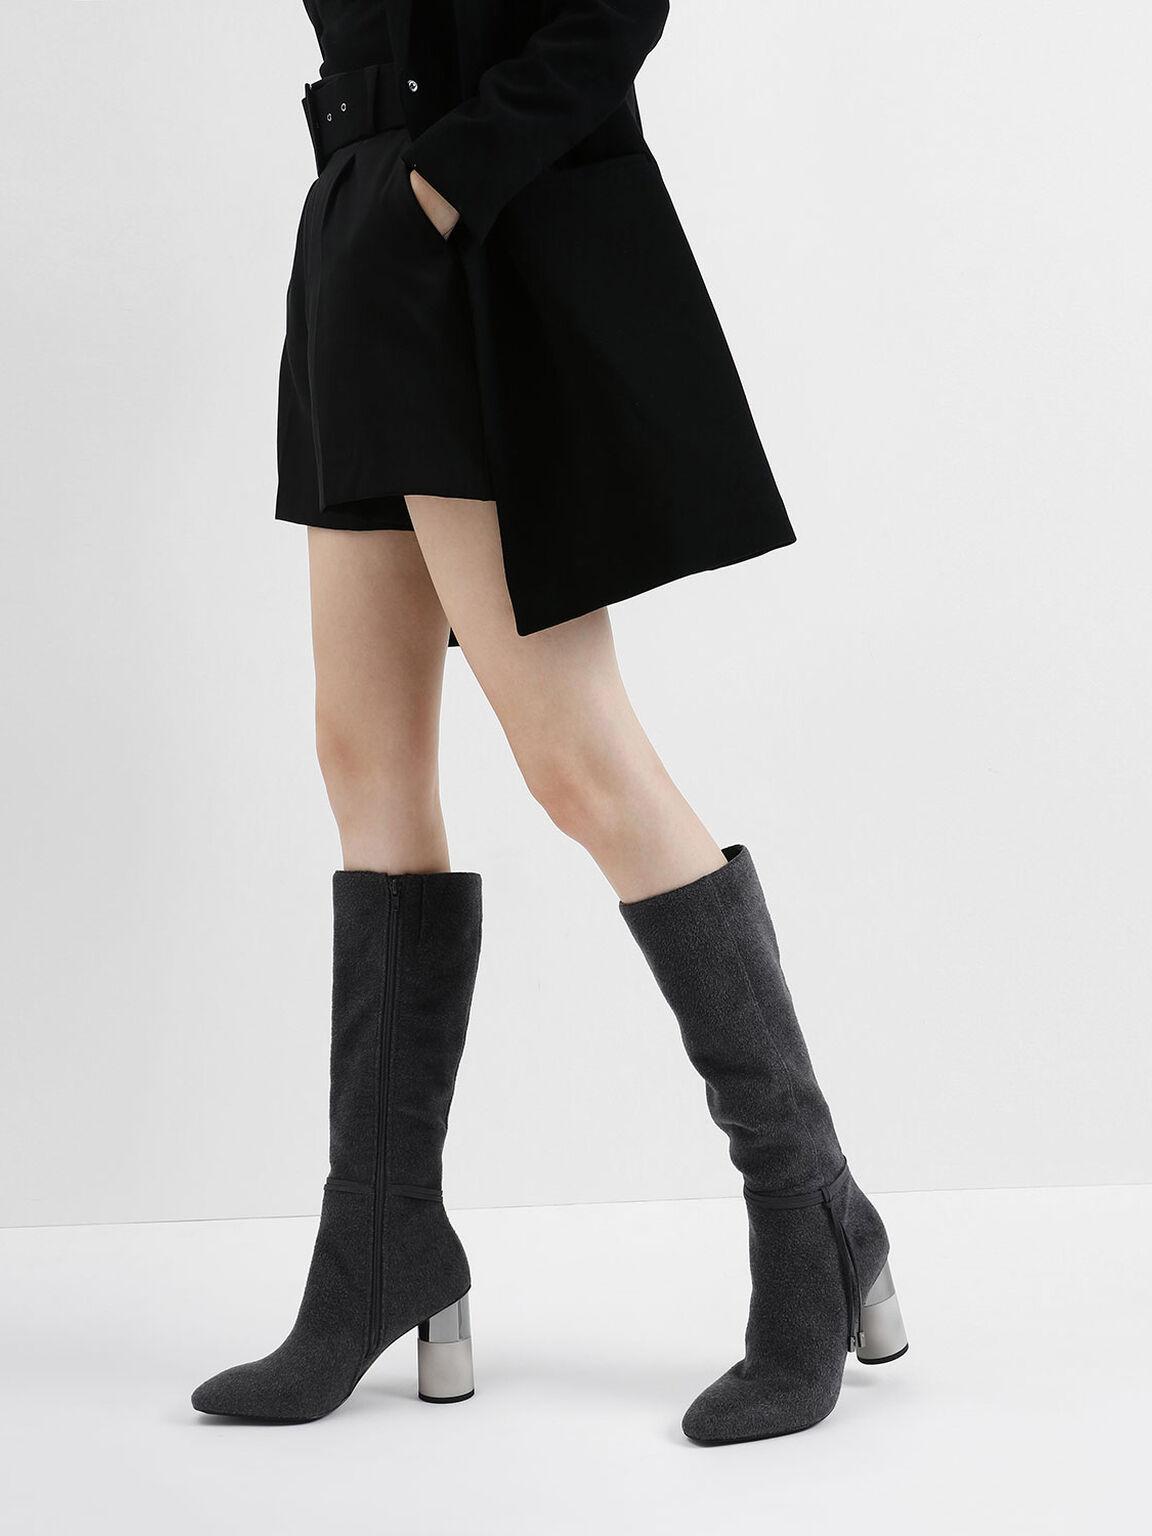 Concrete Heel Knee-High Boots, Dark Grey, hi-res